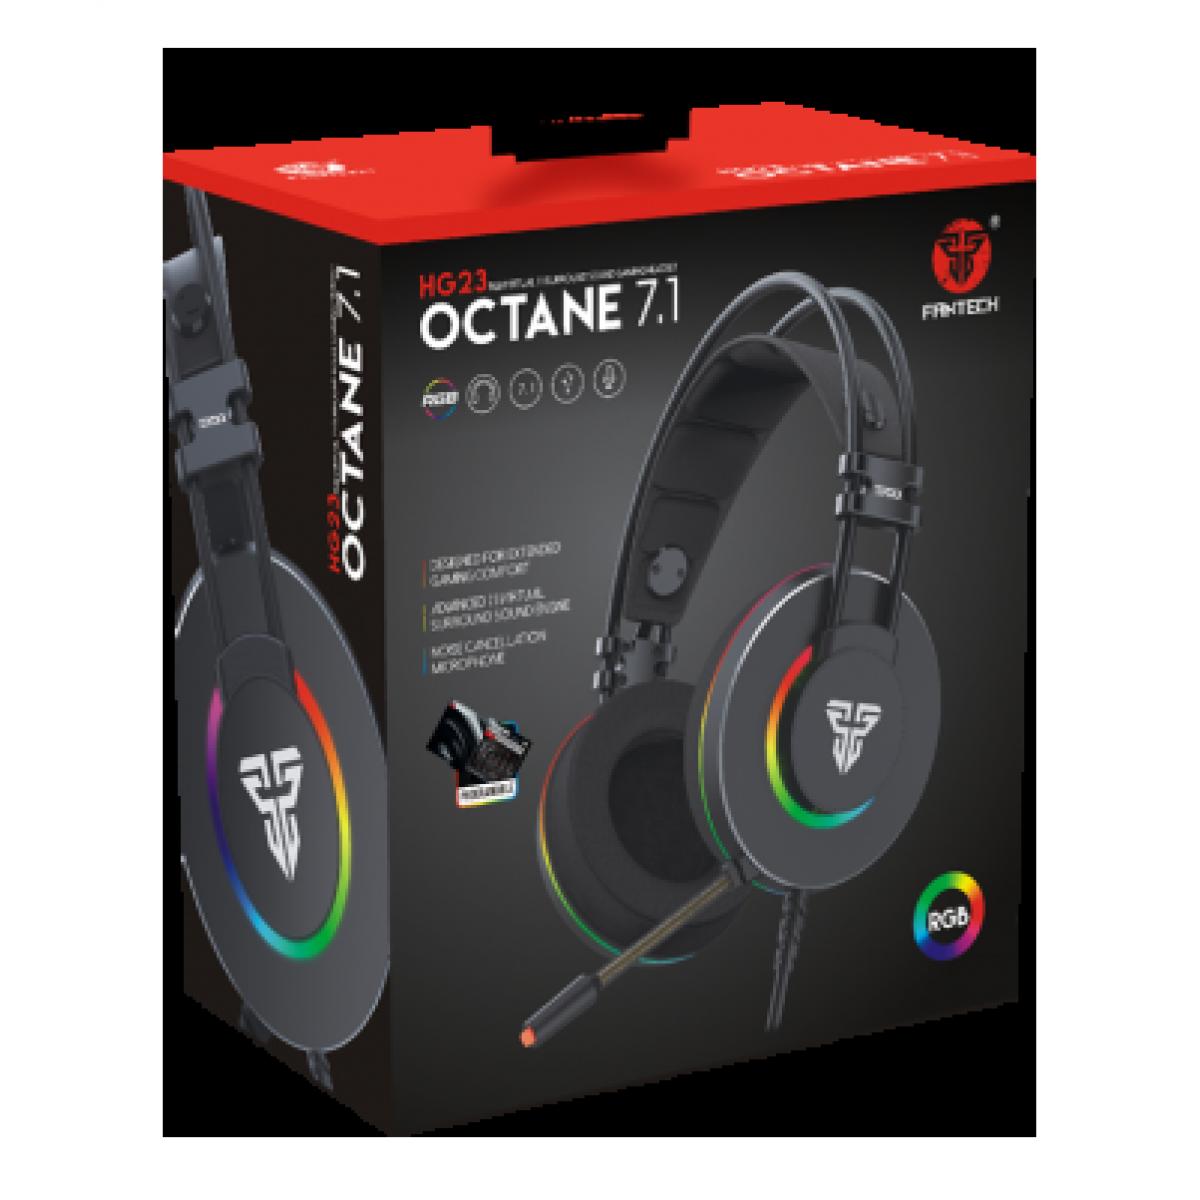 Headset Gamer Fantech Octane, USB, RGB, Black/RED, HG23